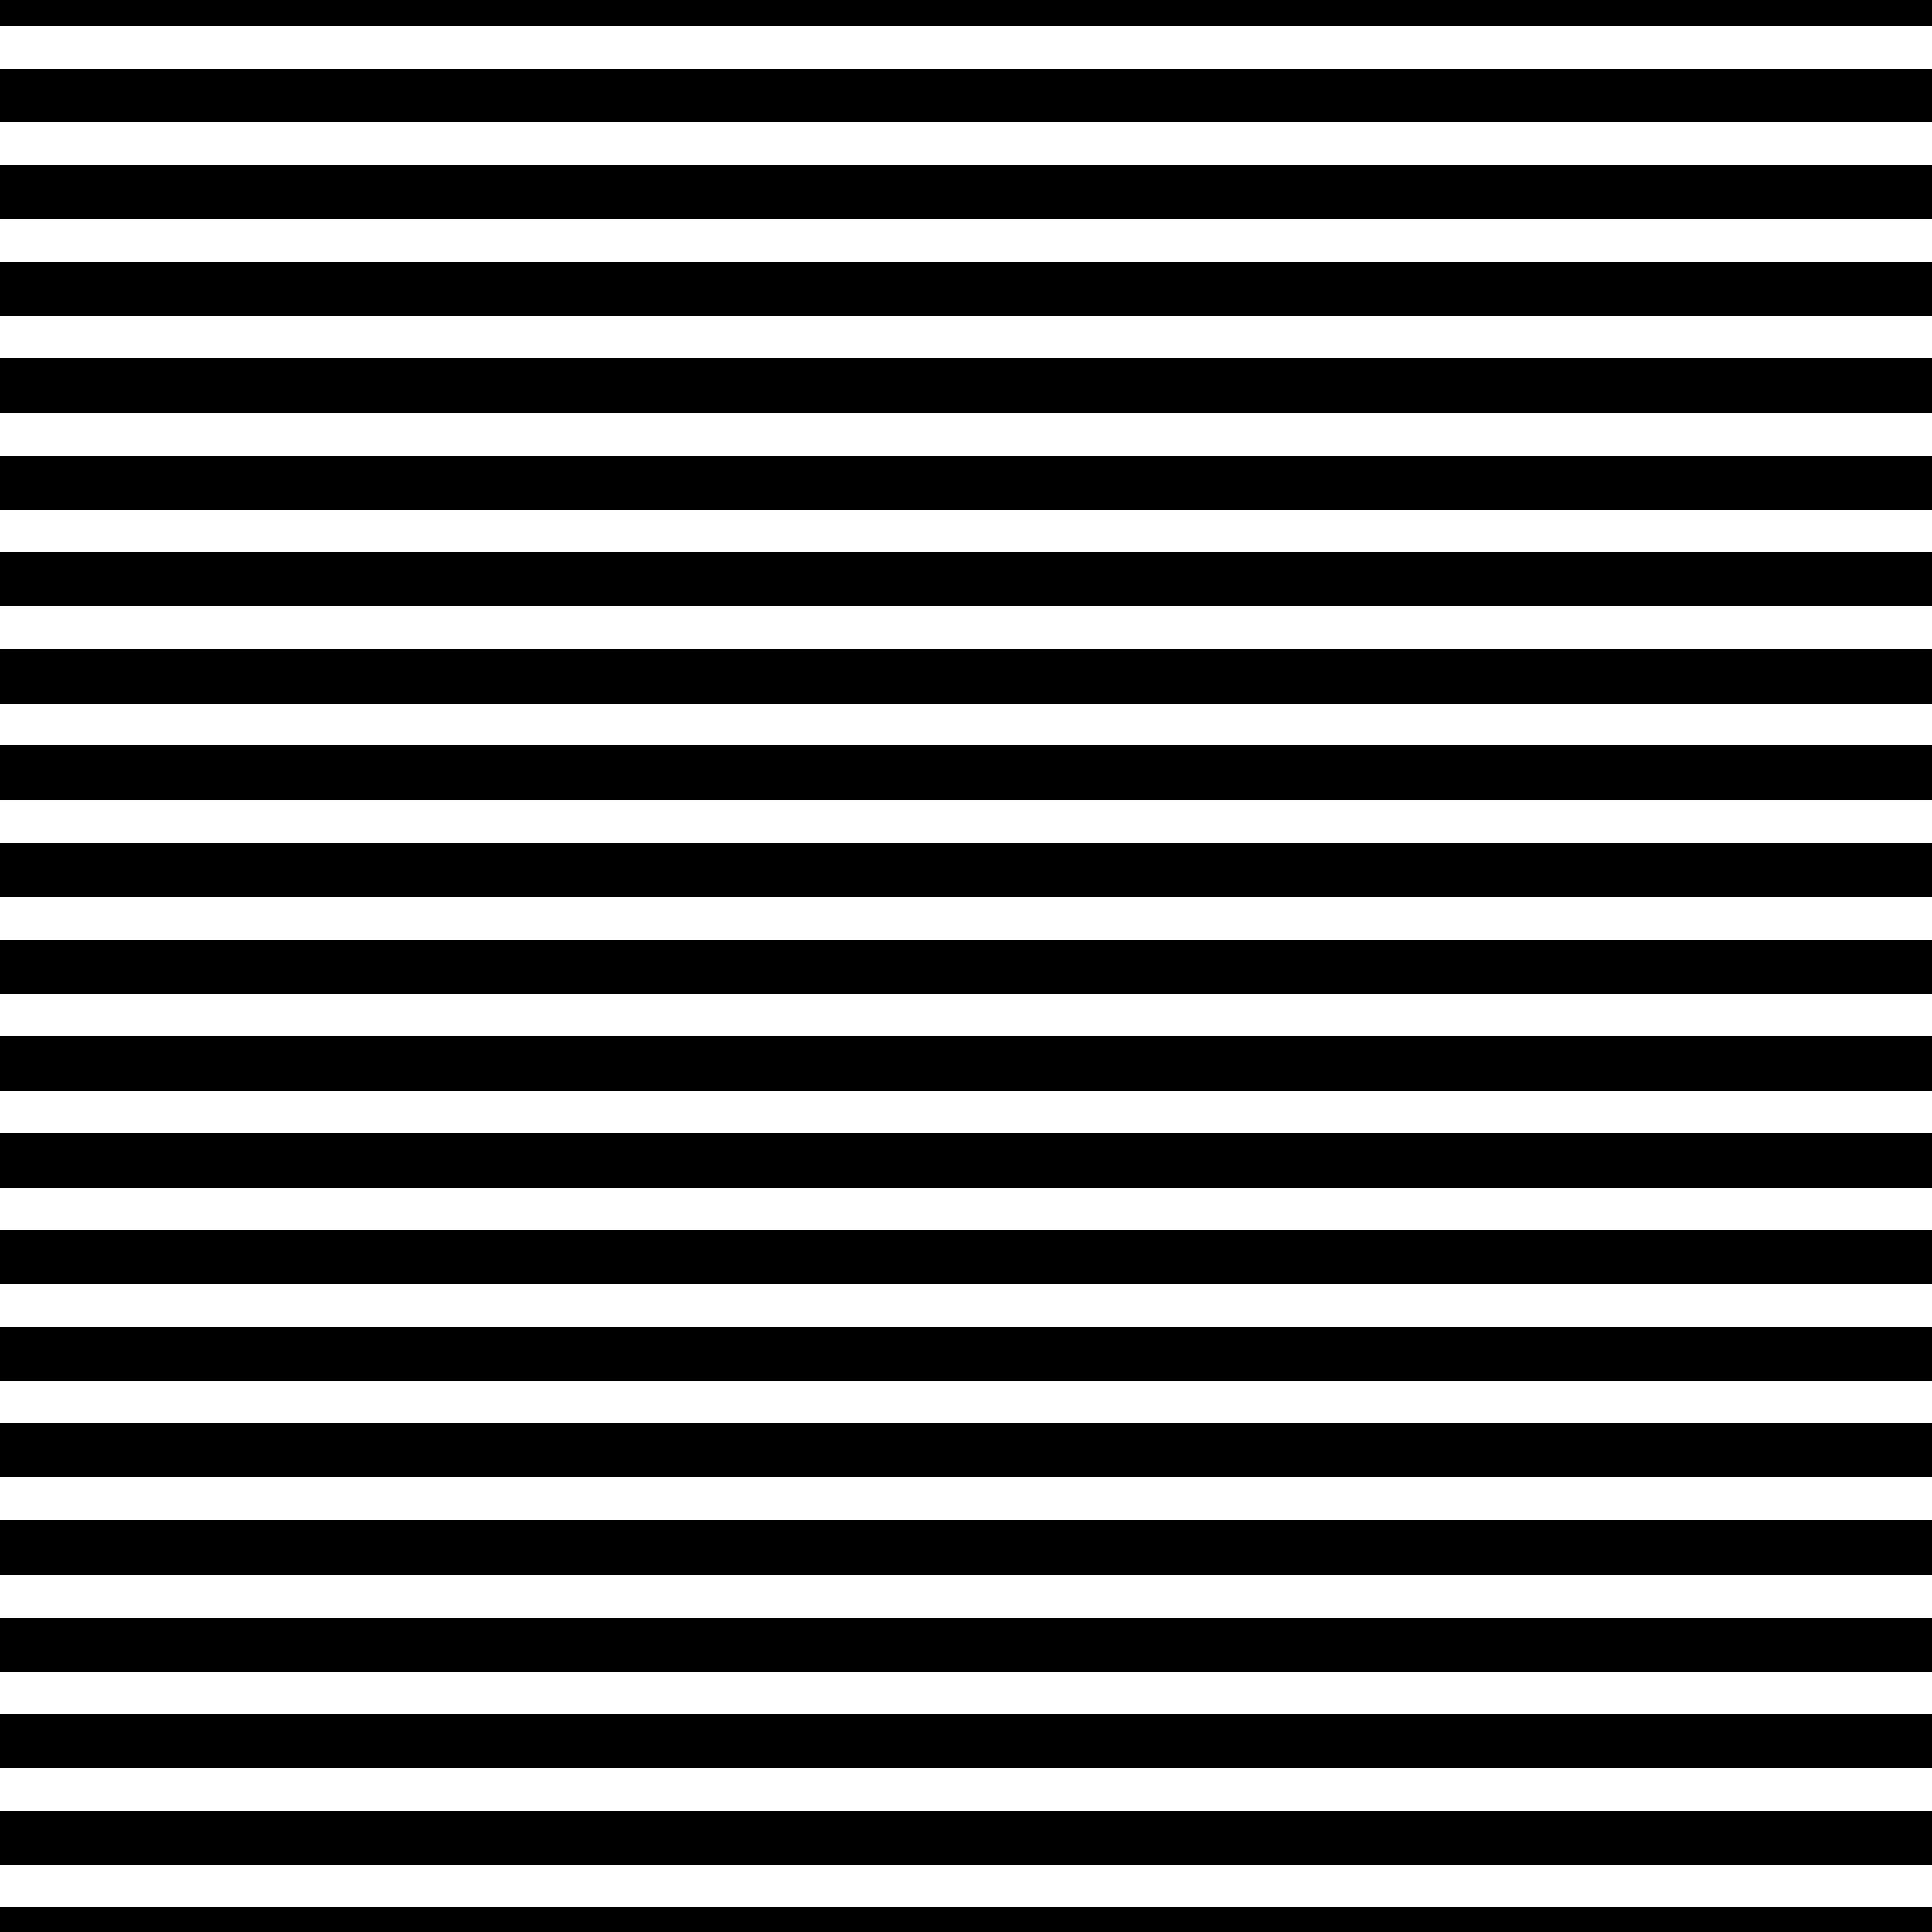 Как сделать белую полосу 512